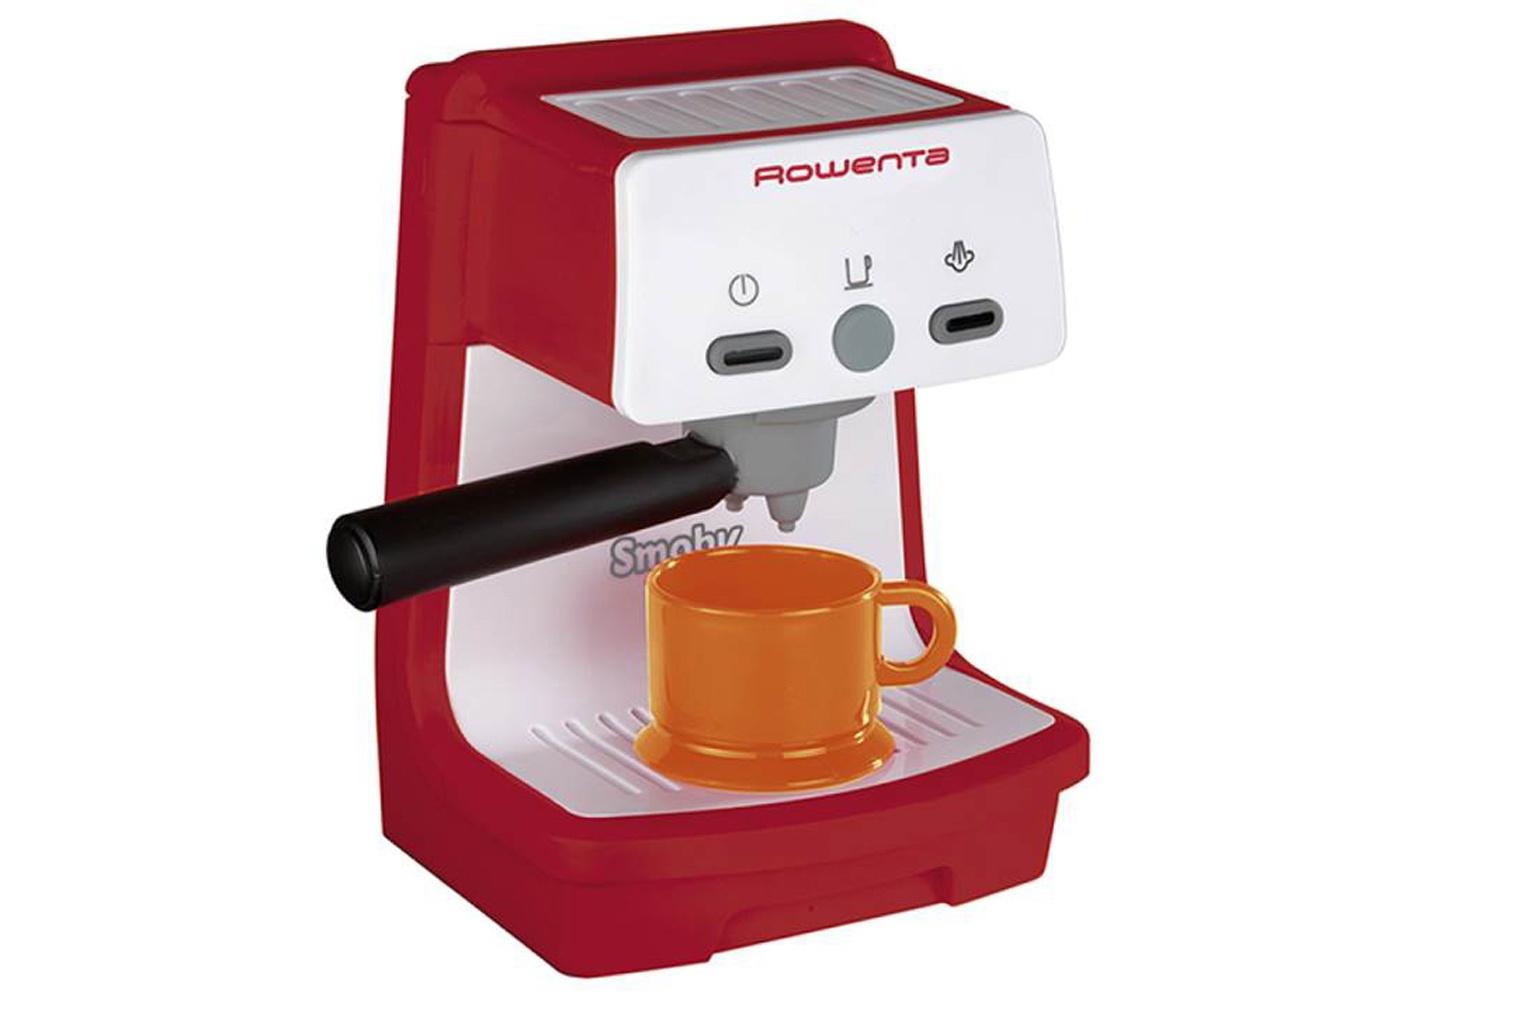 Кофеварка Rowenta со звуковыми эффектамиАксессуары и техника для детской кухни<br>Кофеварка Rowenta со звуковыми эффектами<br>